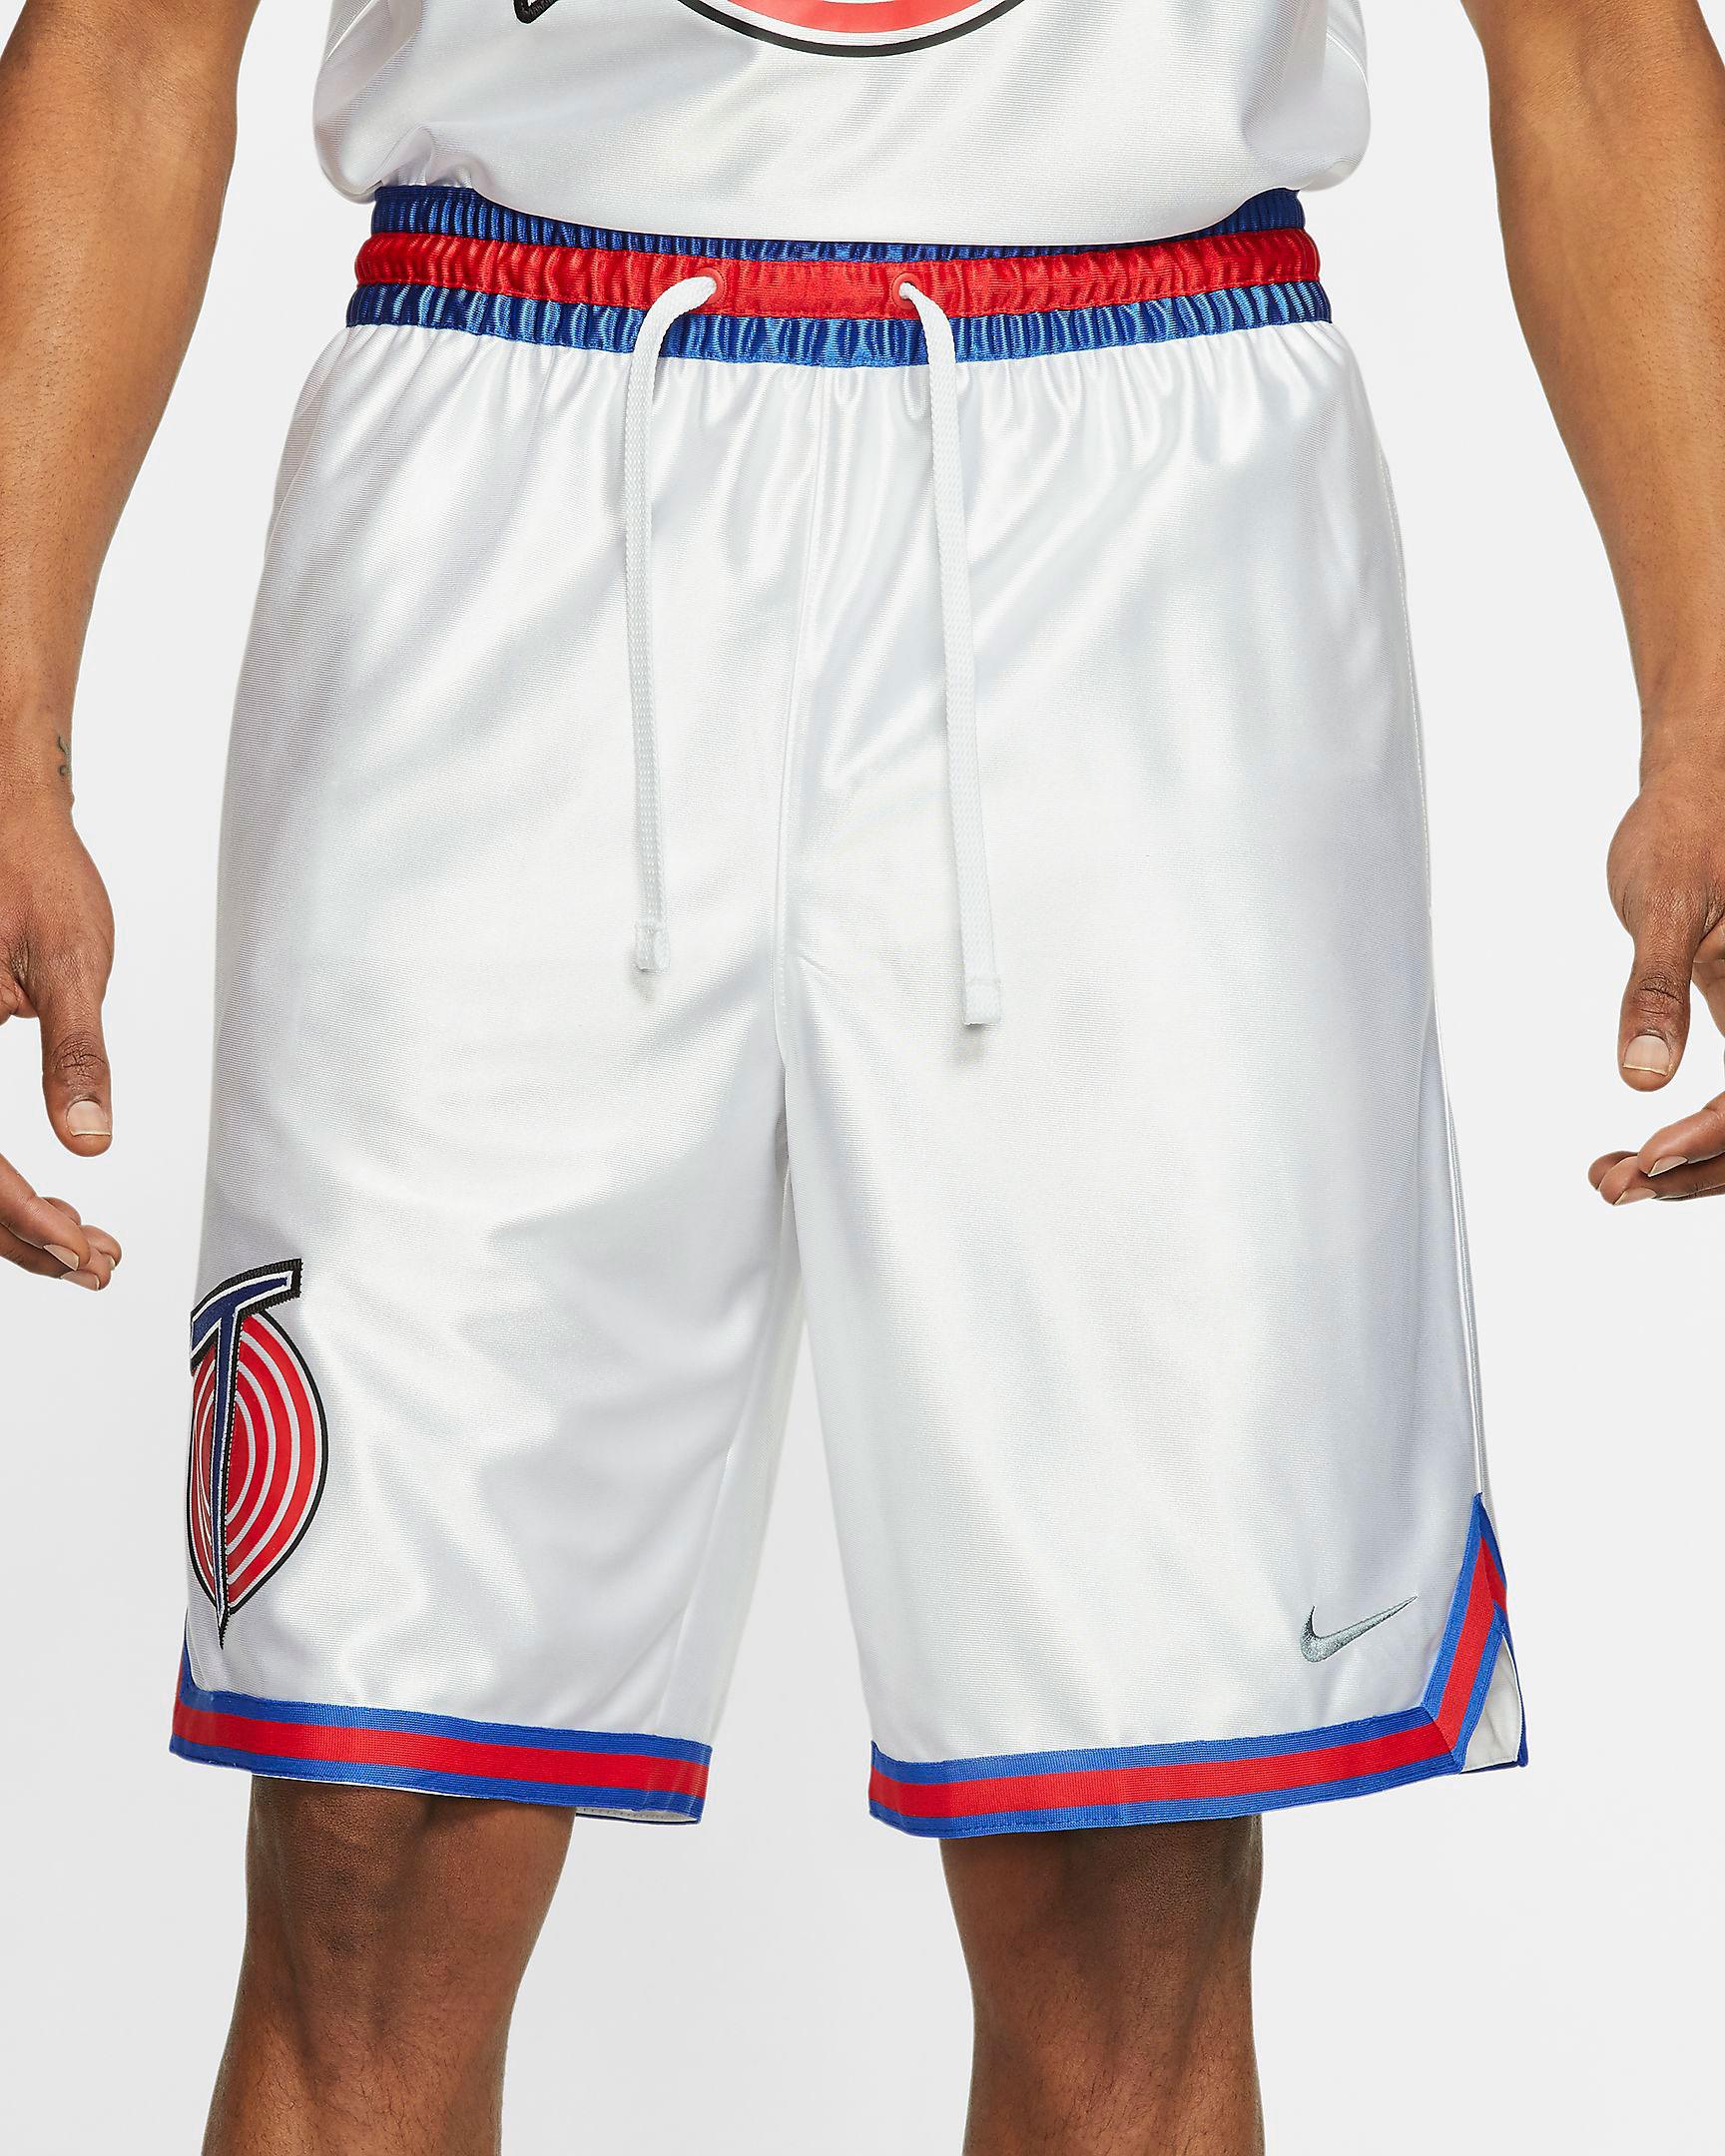 nike-lebron-tune-squad-shorts-1